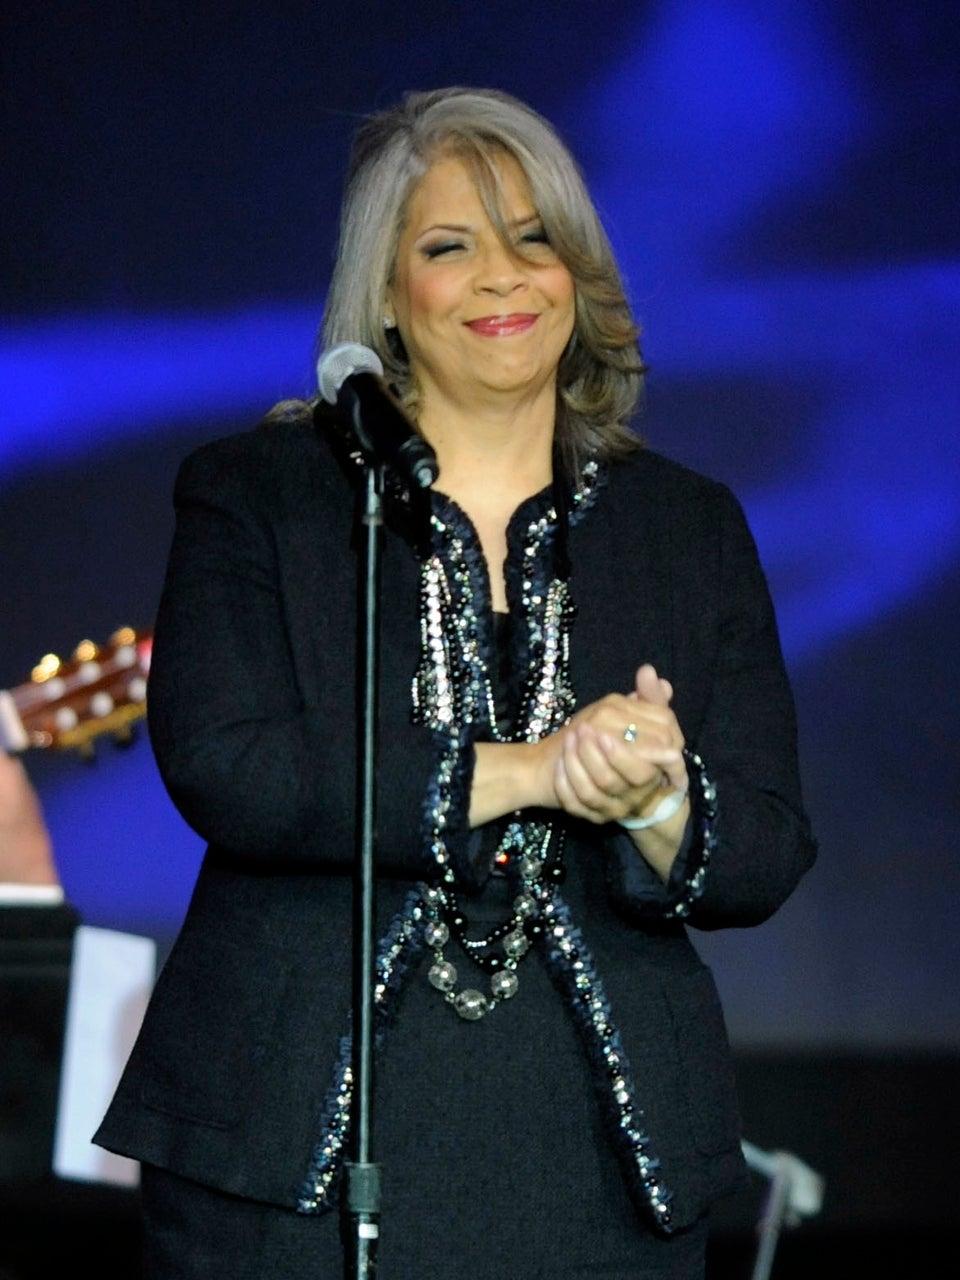 Patti Austin Named Spokesperon for Social Change